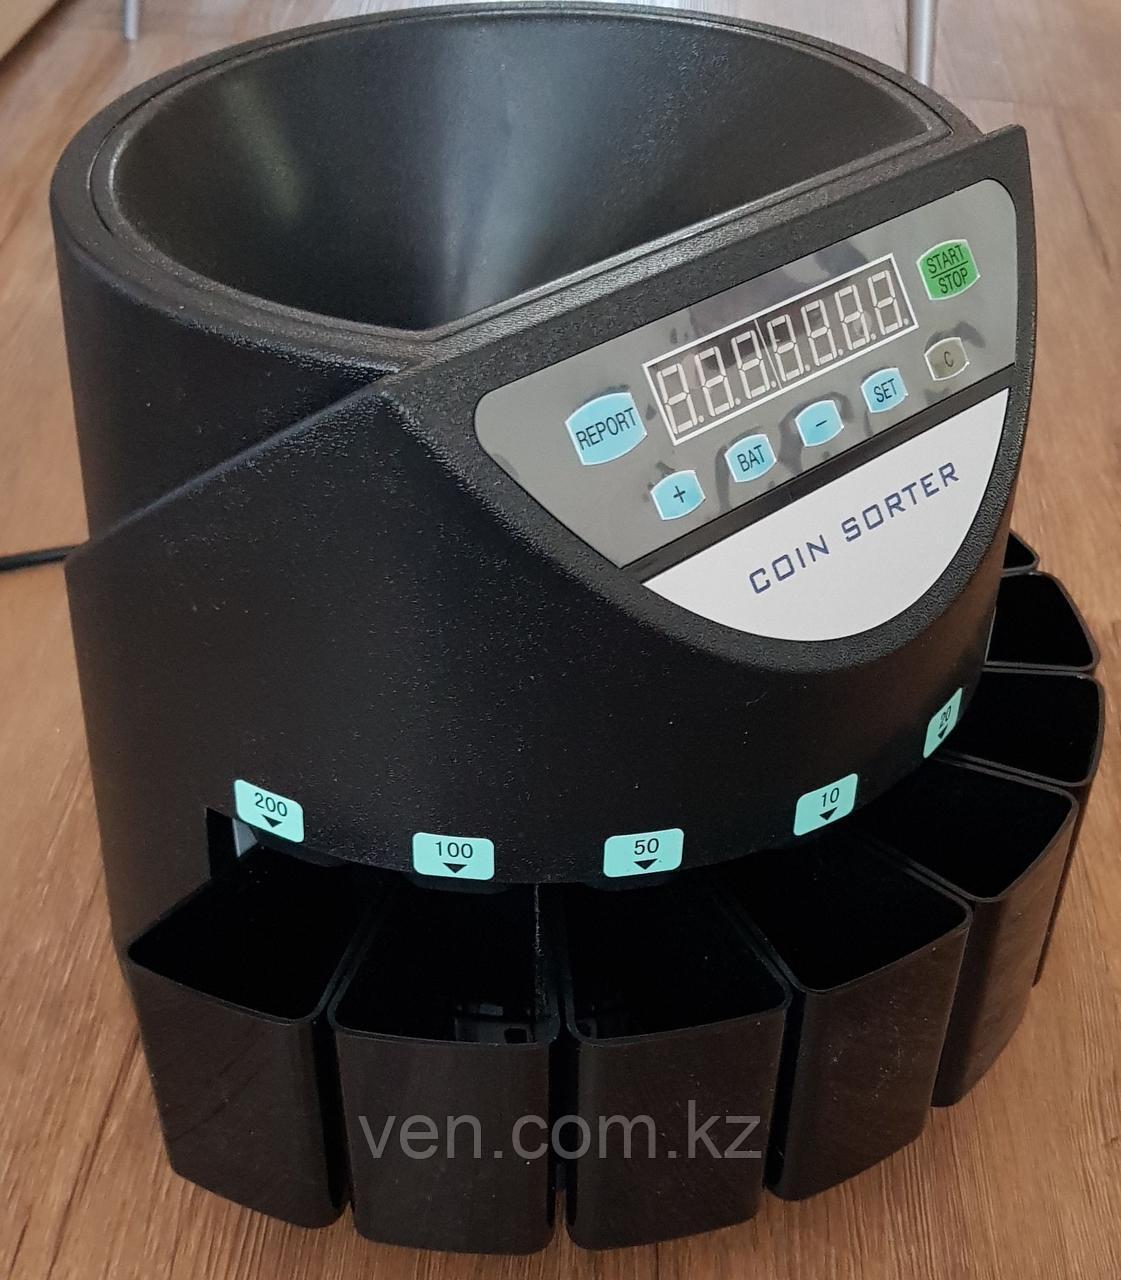 Машина для счета и сортировки монет SE-900 (2021) обновление на монеты 200 тенге